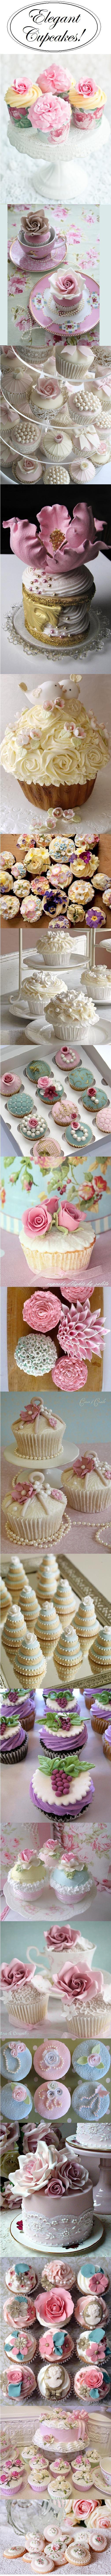 Свадьба - Cupcakes